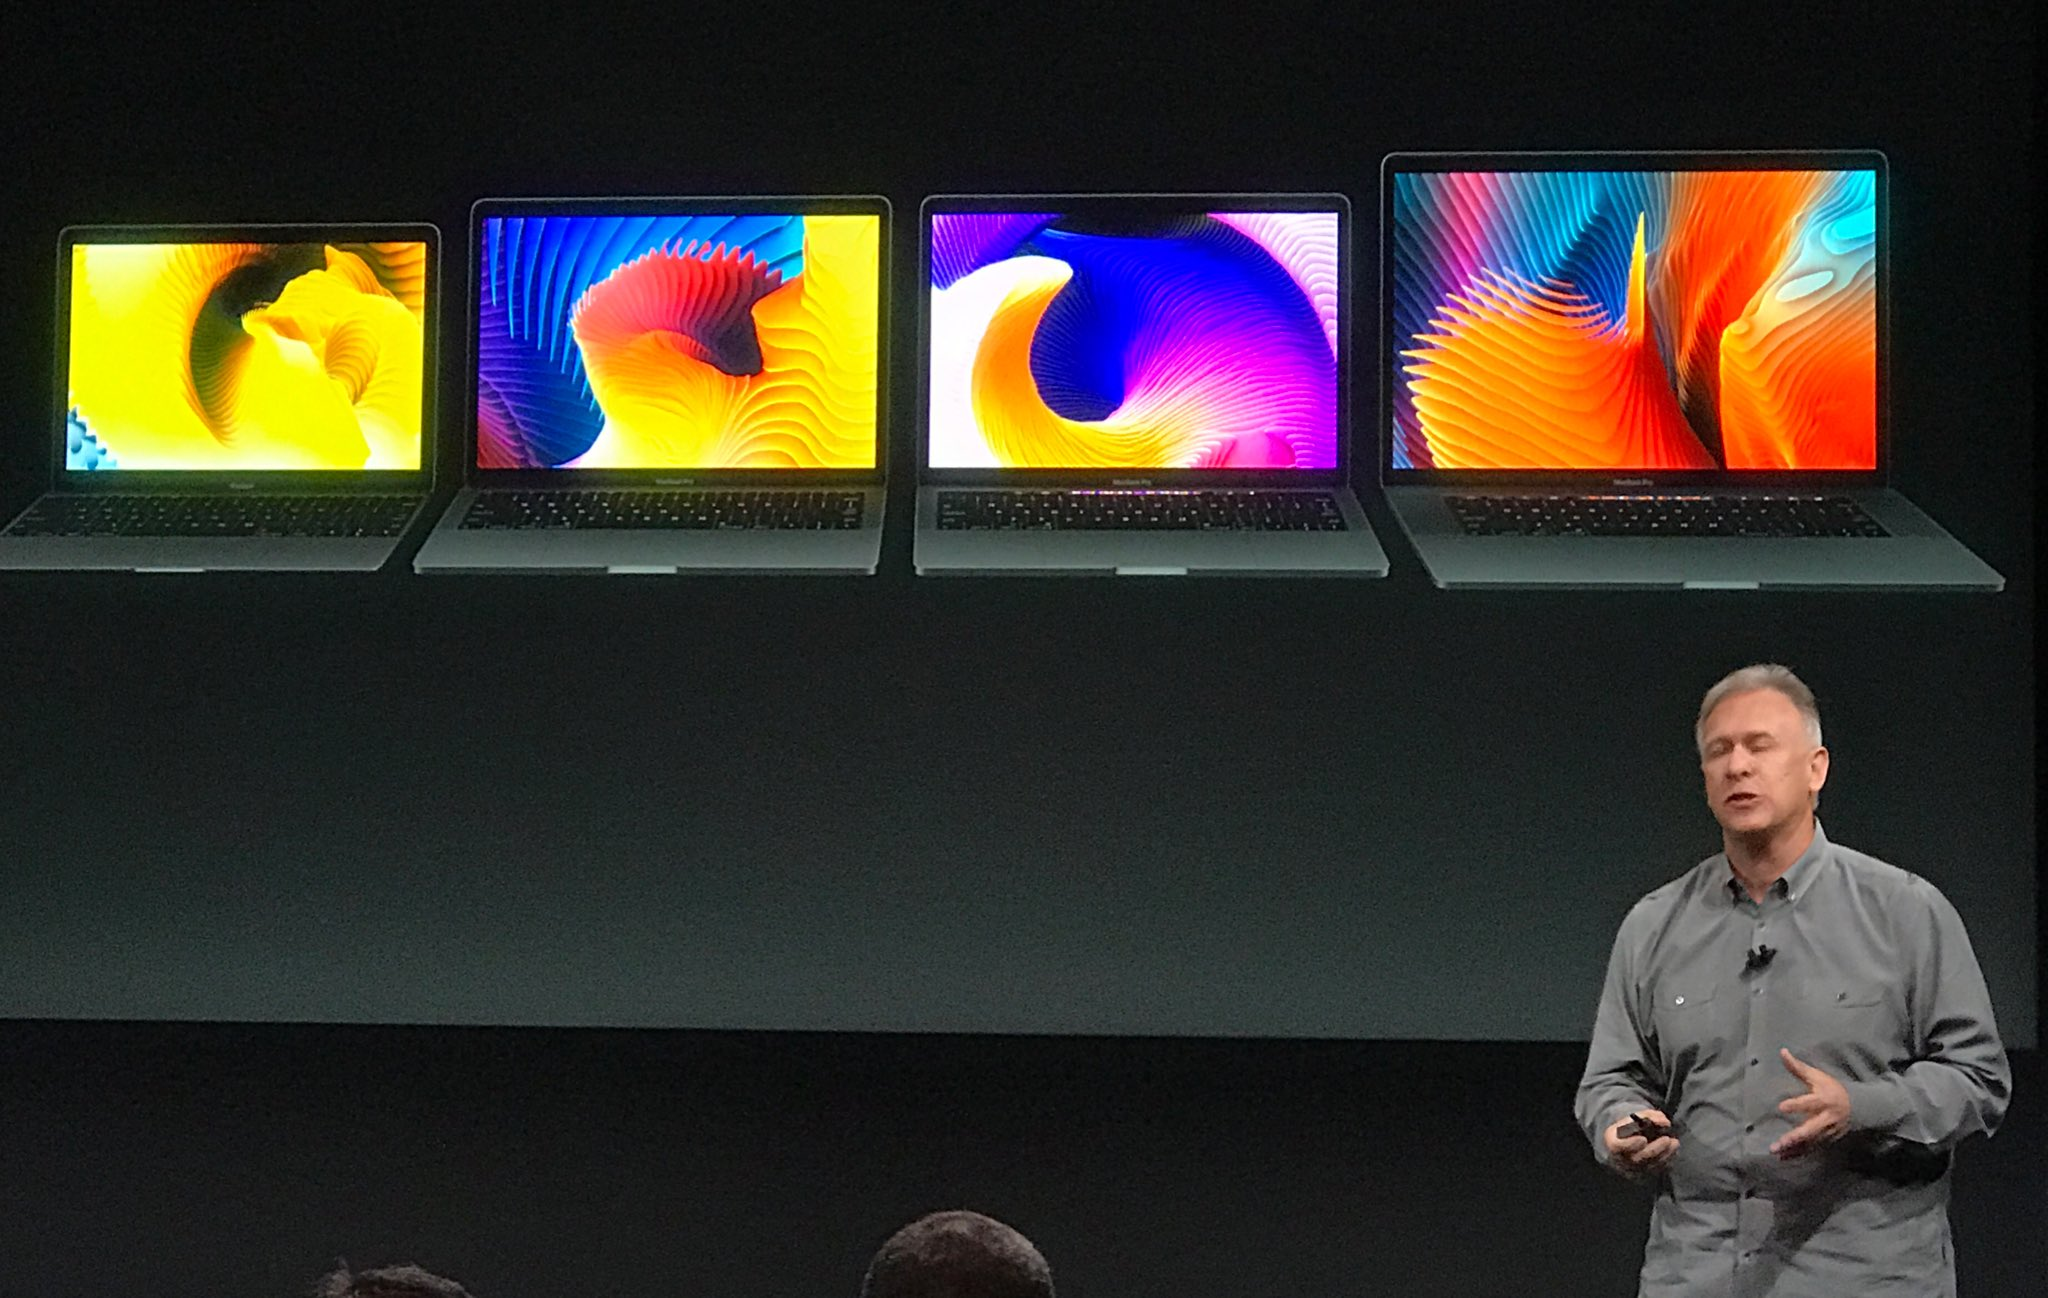 I think the Apple just killed the MacBook Air. #appleevent https://t.co/nZjJo0PqjI